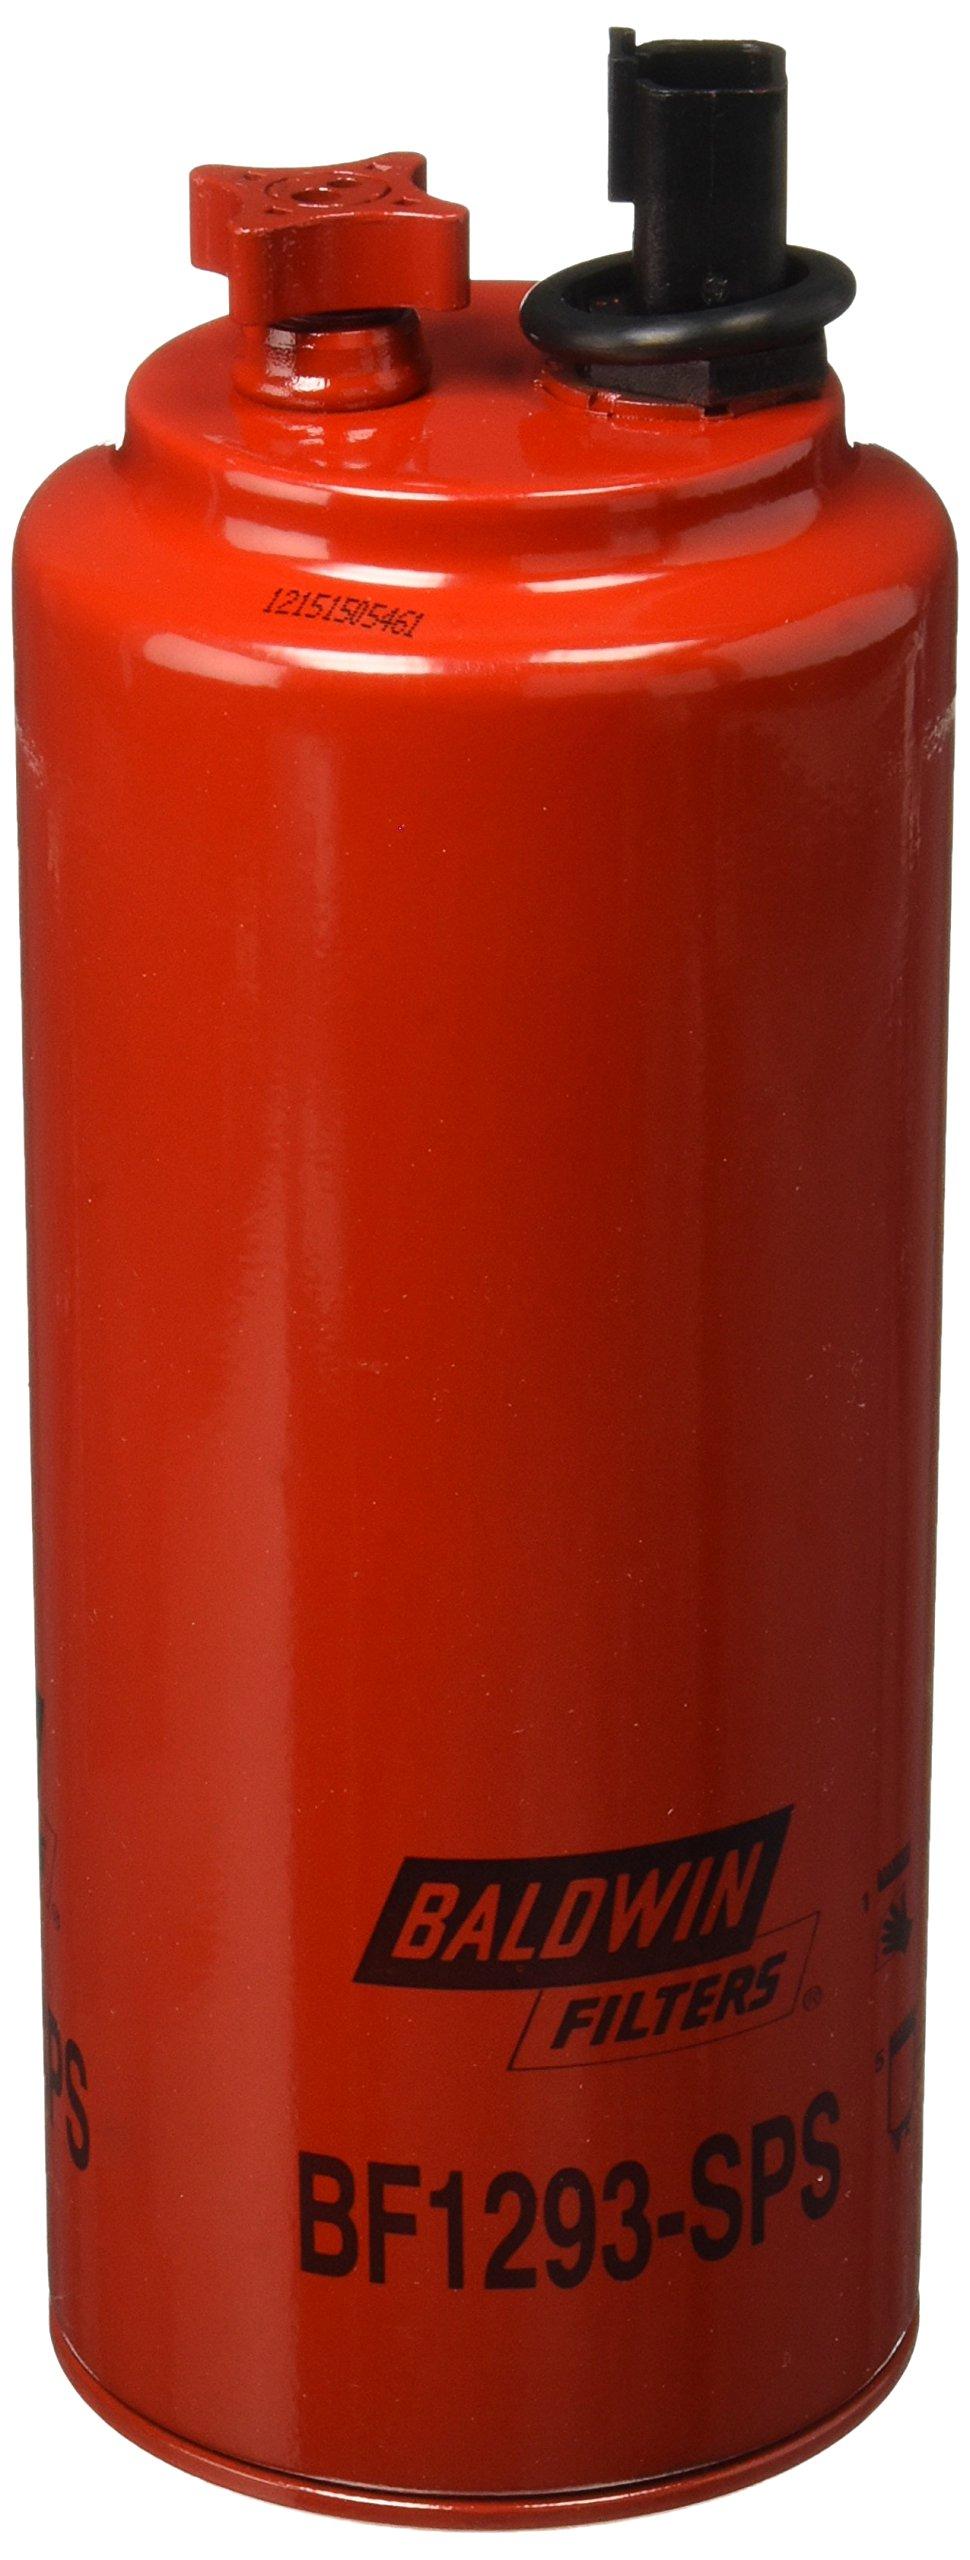 Baldwin Heavy Duty BF1293-SPS Fuel Filter,10-1/32x3-11/16x10-1/32 In